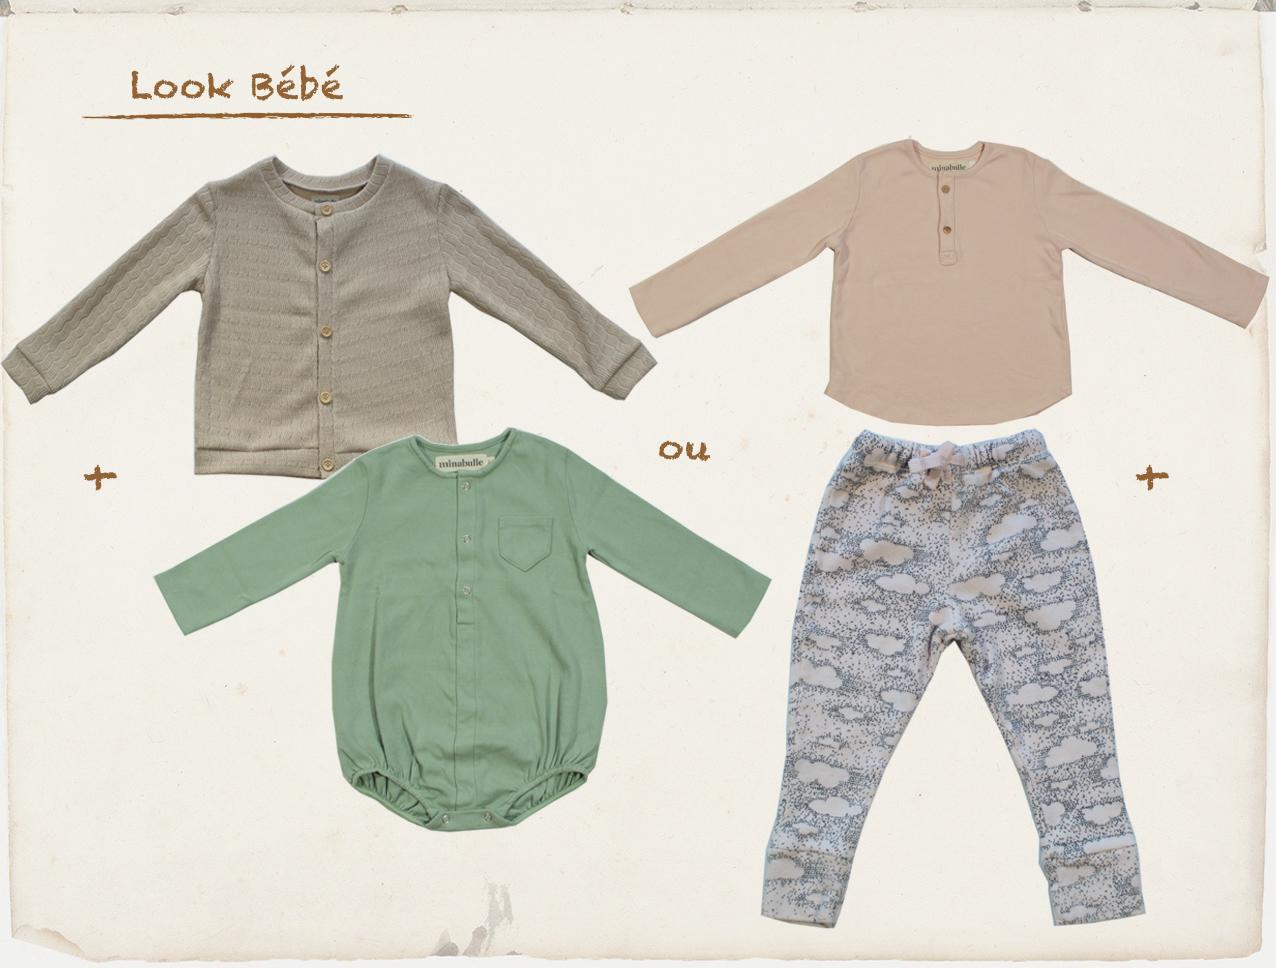 tenue bébés octobre 2018 minabulle collection Daydream vêtements enfants